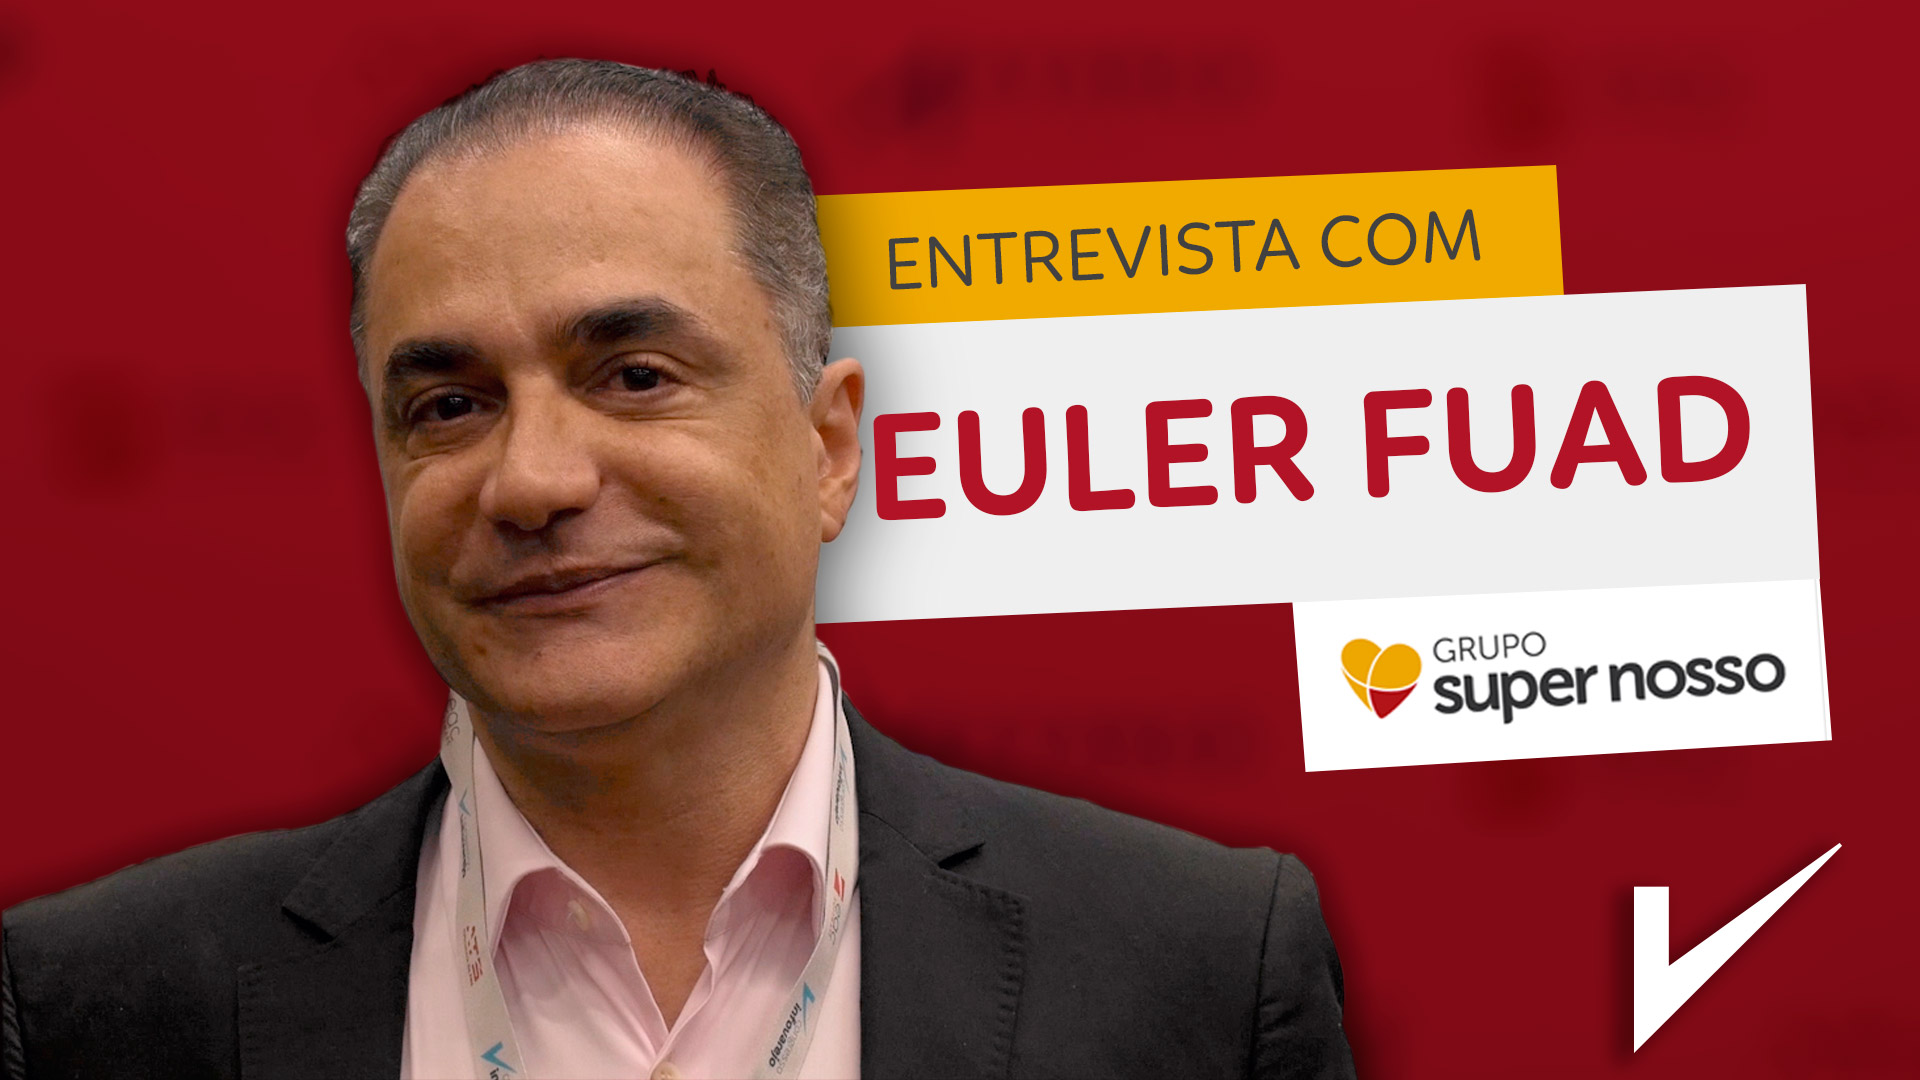 Atendimento ao cliente: entrevista com Euler Fuad do Grupo Supernosso